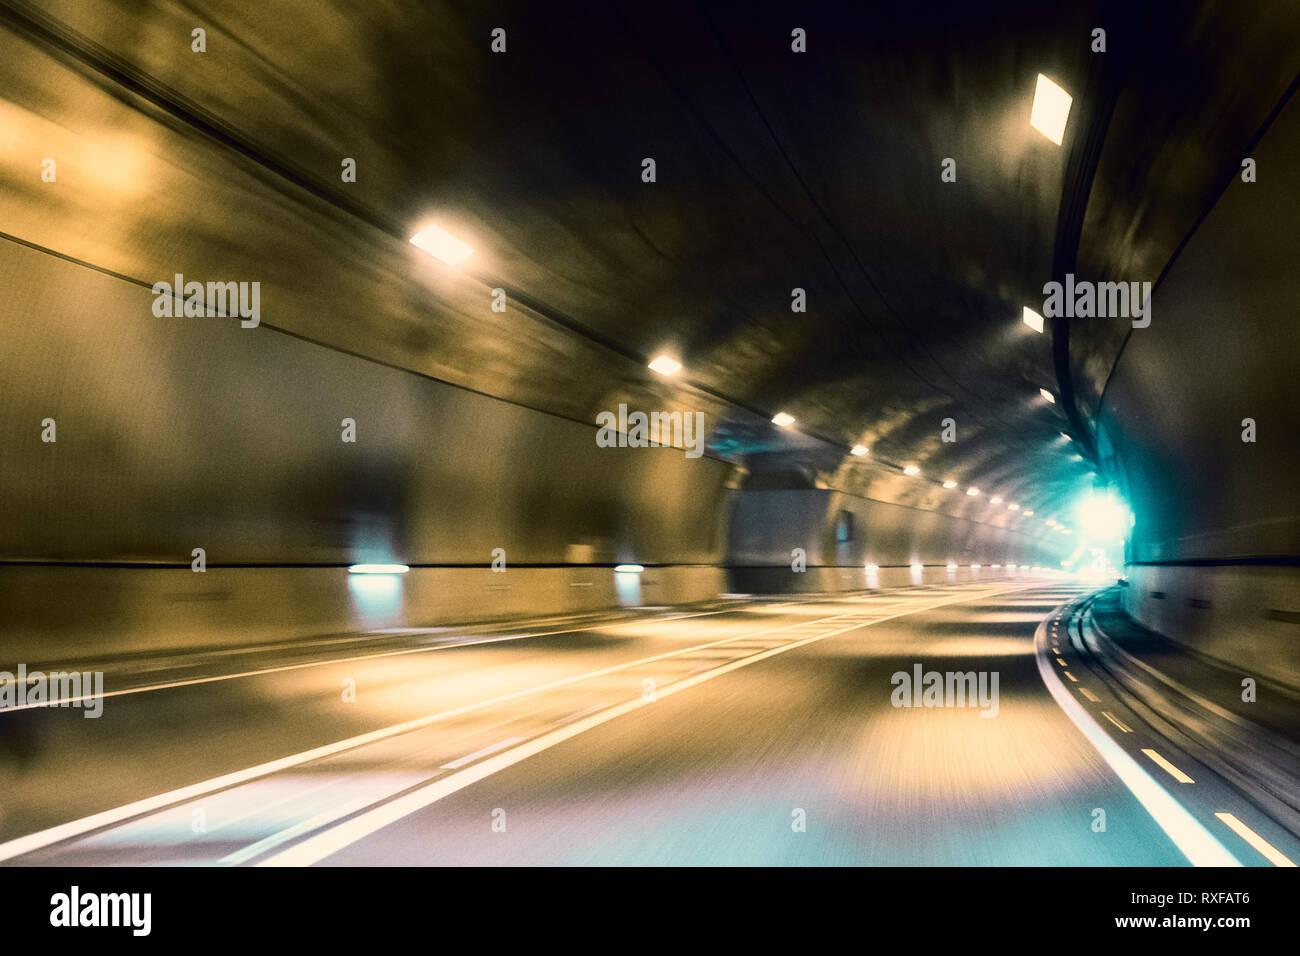 Fahrt durch den Tunnel - Licht am Ende des Tunnels - Stock Image